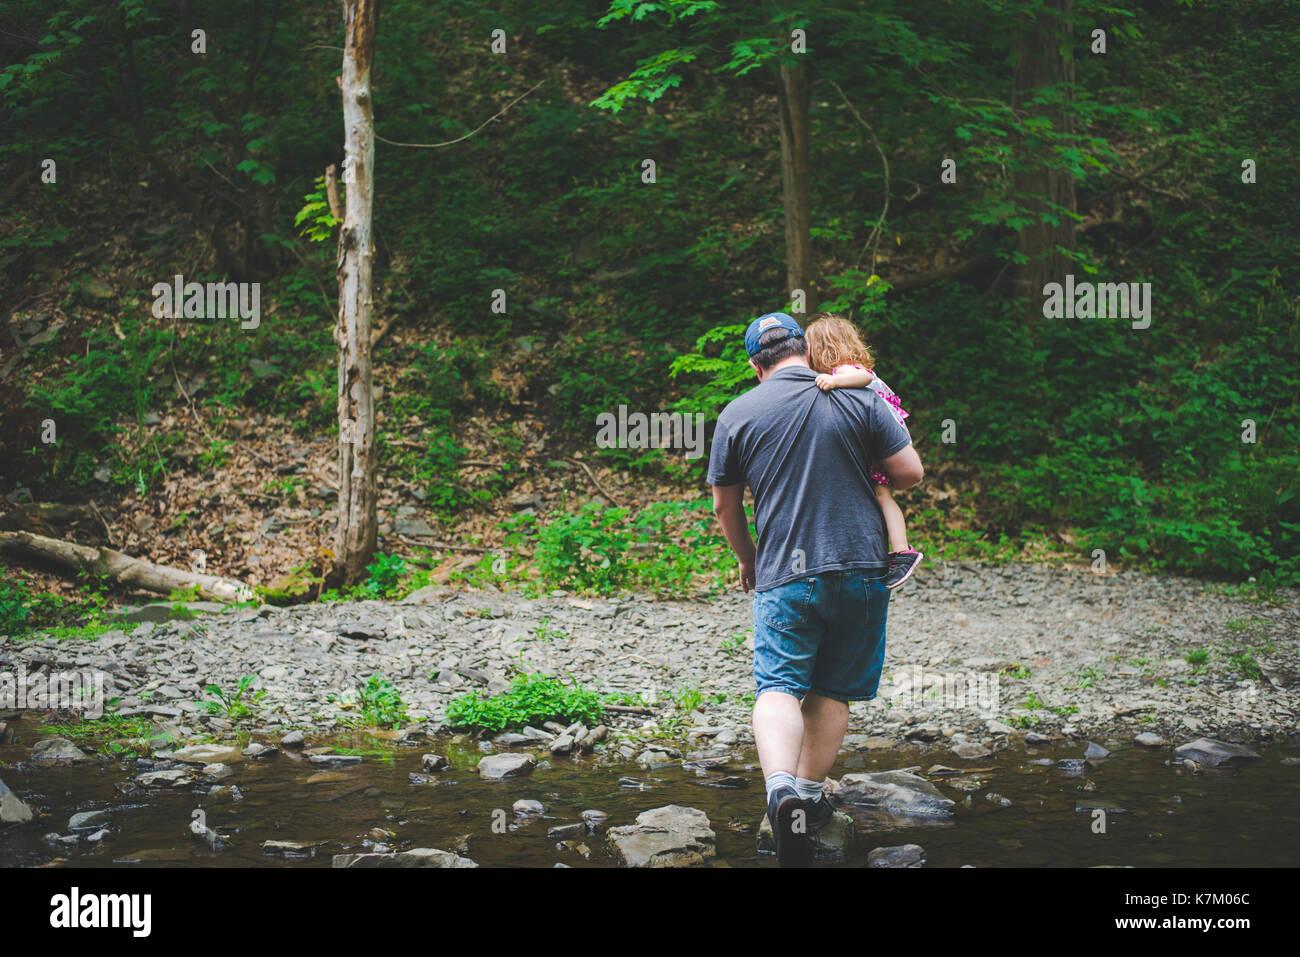 Ein Vater seine Tochter bei einer Wanderung im Wald. Stockbild